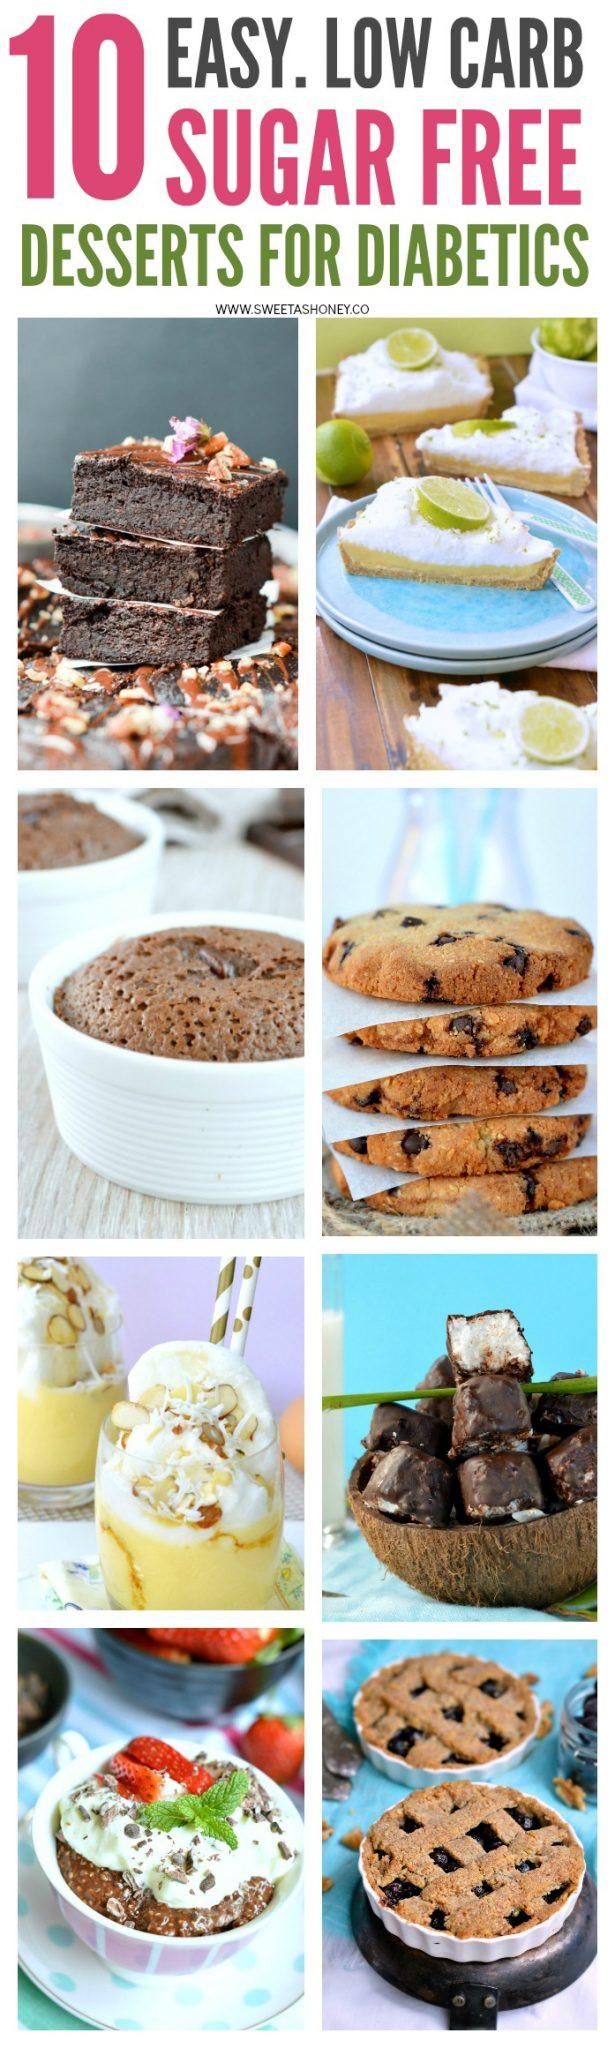 Sugar Free Dessert Recipes For Diabetics  10 Sugar Free Desserts for diabetics Sweetashoney